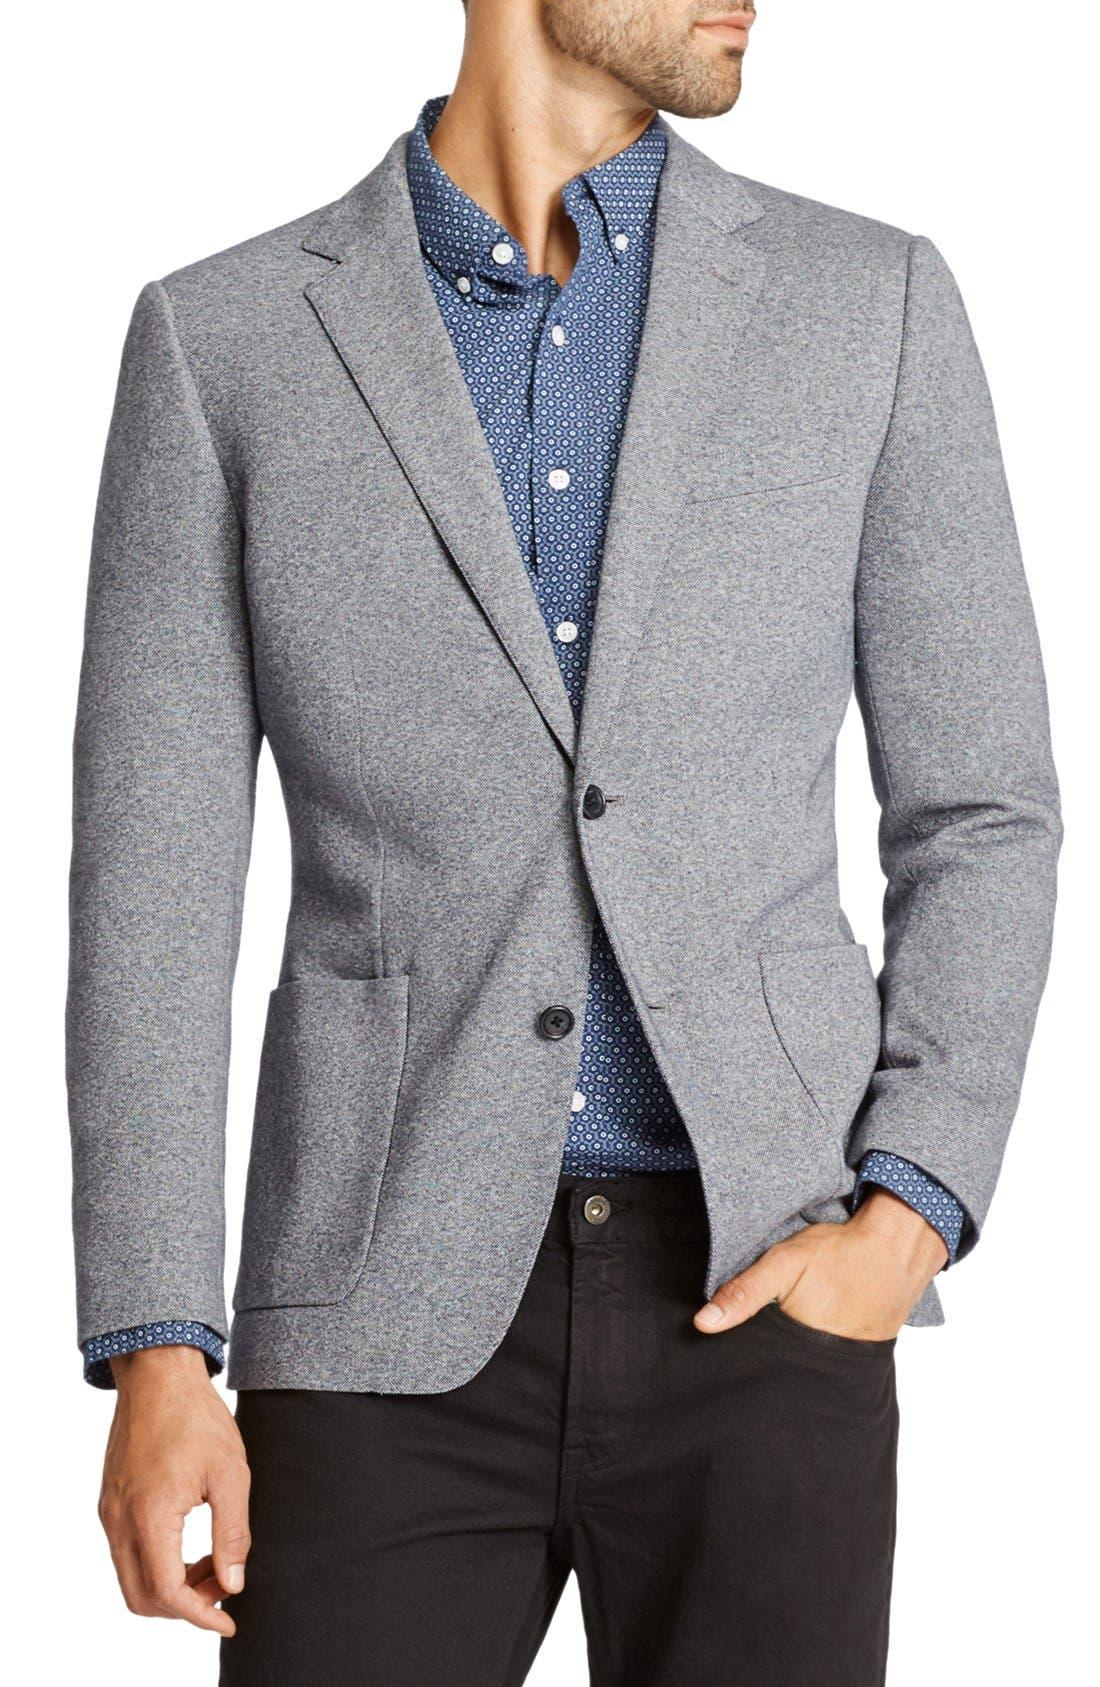 Jetsetter Trim Fit Knit Cotton Blazer,                             Main thumbnail 1, color,                             020